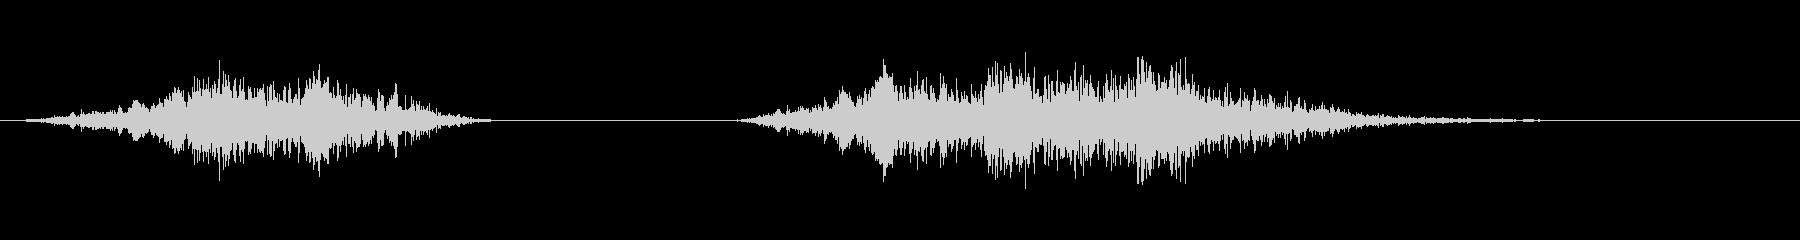 爆発2の未再生の波形